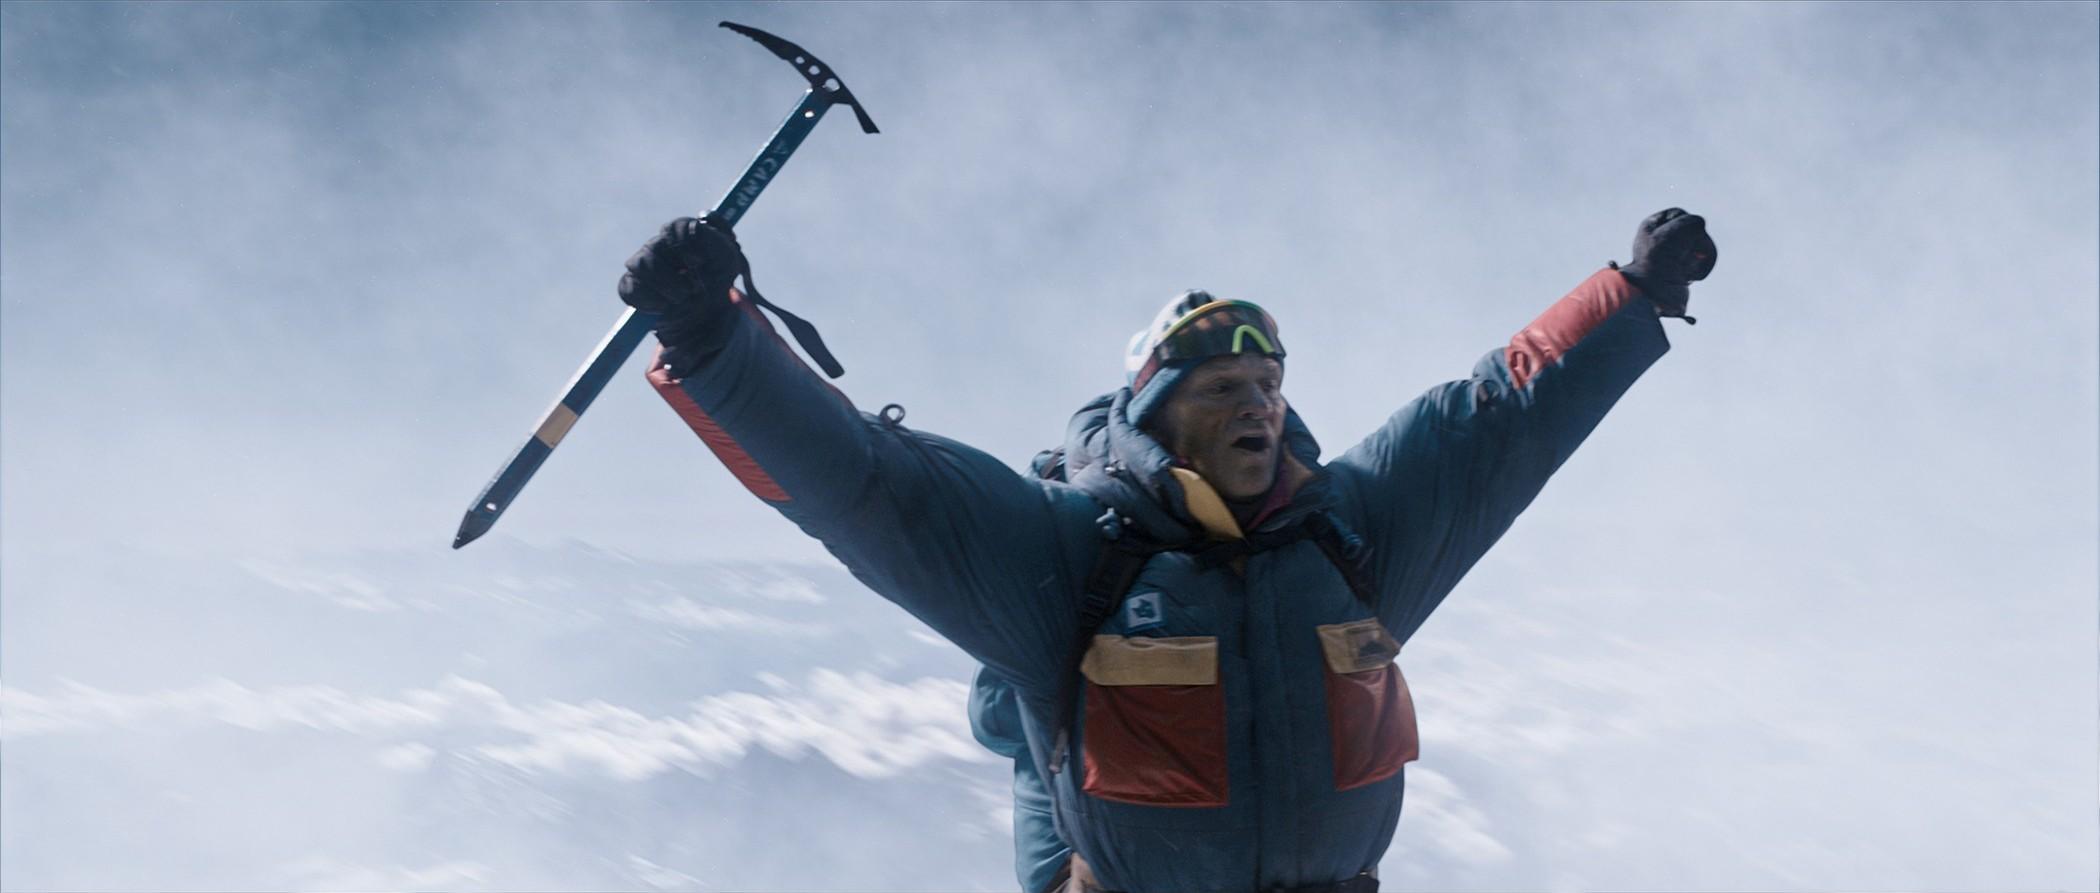 кадры из фильма Эверест Ингвар Эггерт Сигурсон,